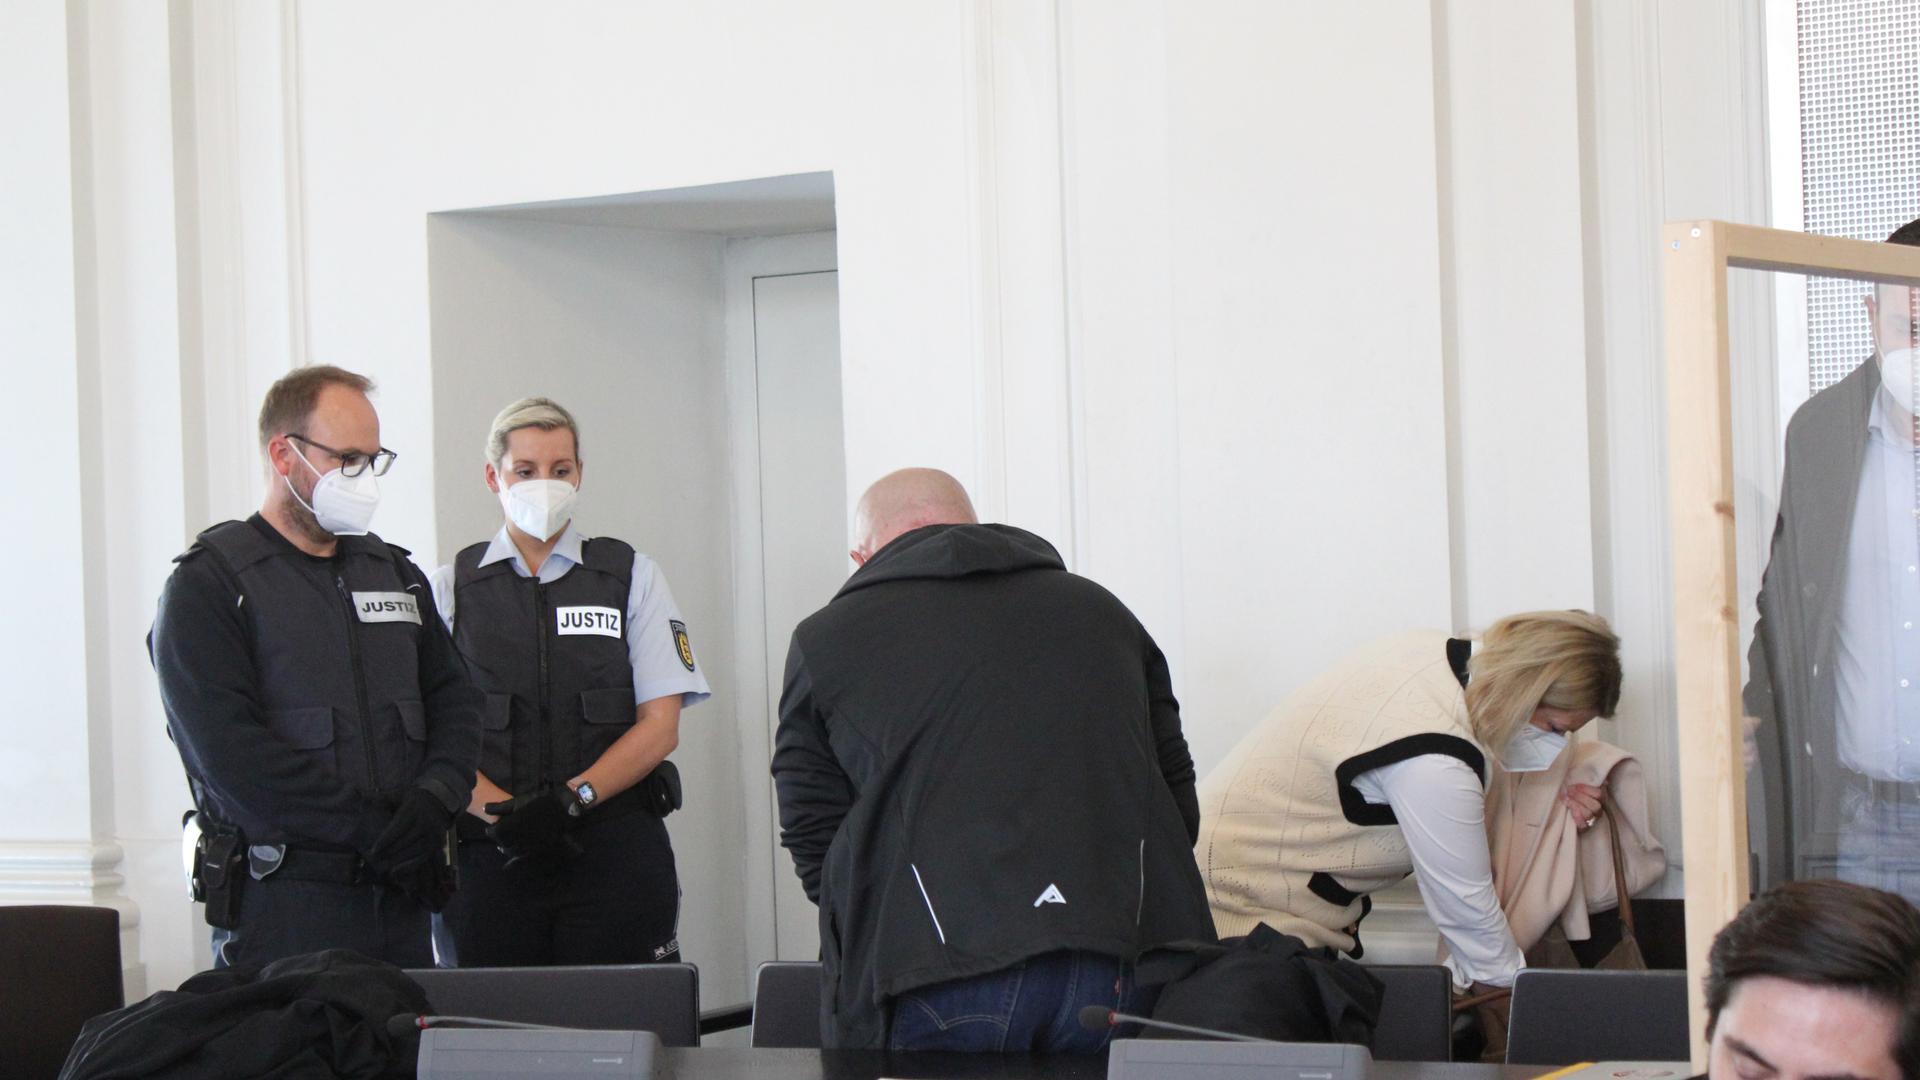 Verurteilt: Ein 43-Jähriger aus Mühlacker muss ins Gefängnis, weil er seinen Geschäftspartner ermordet hat.